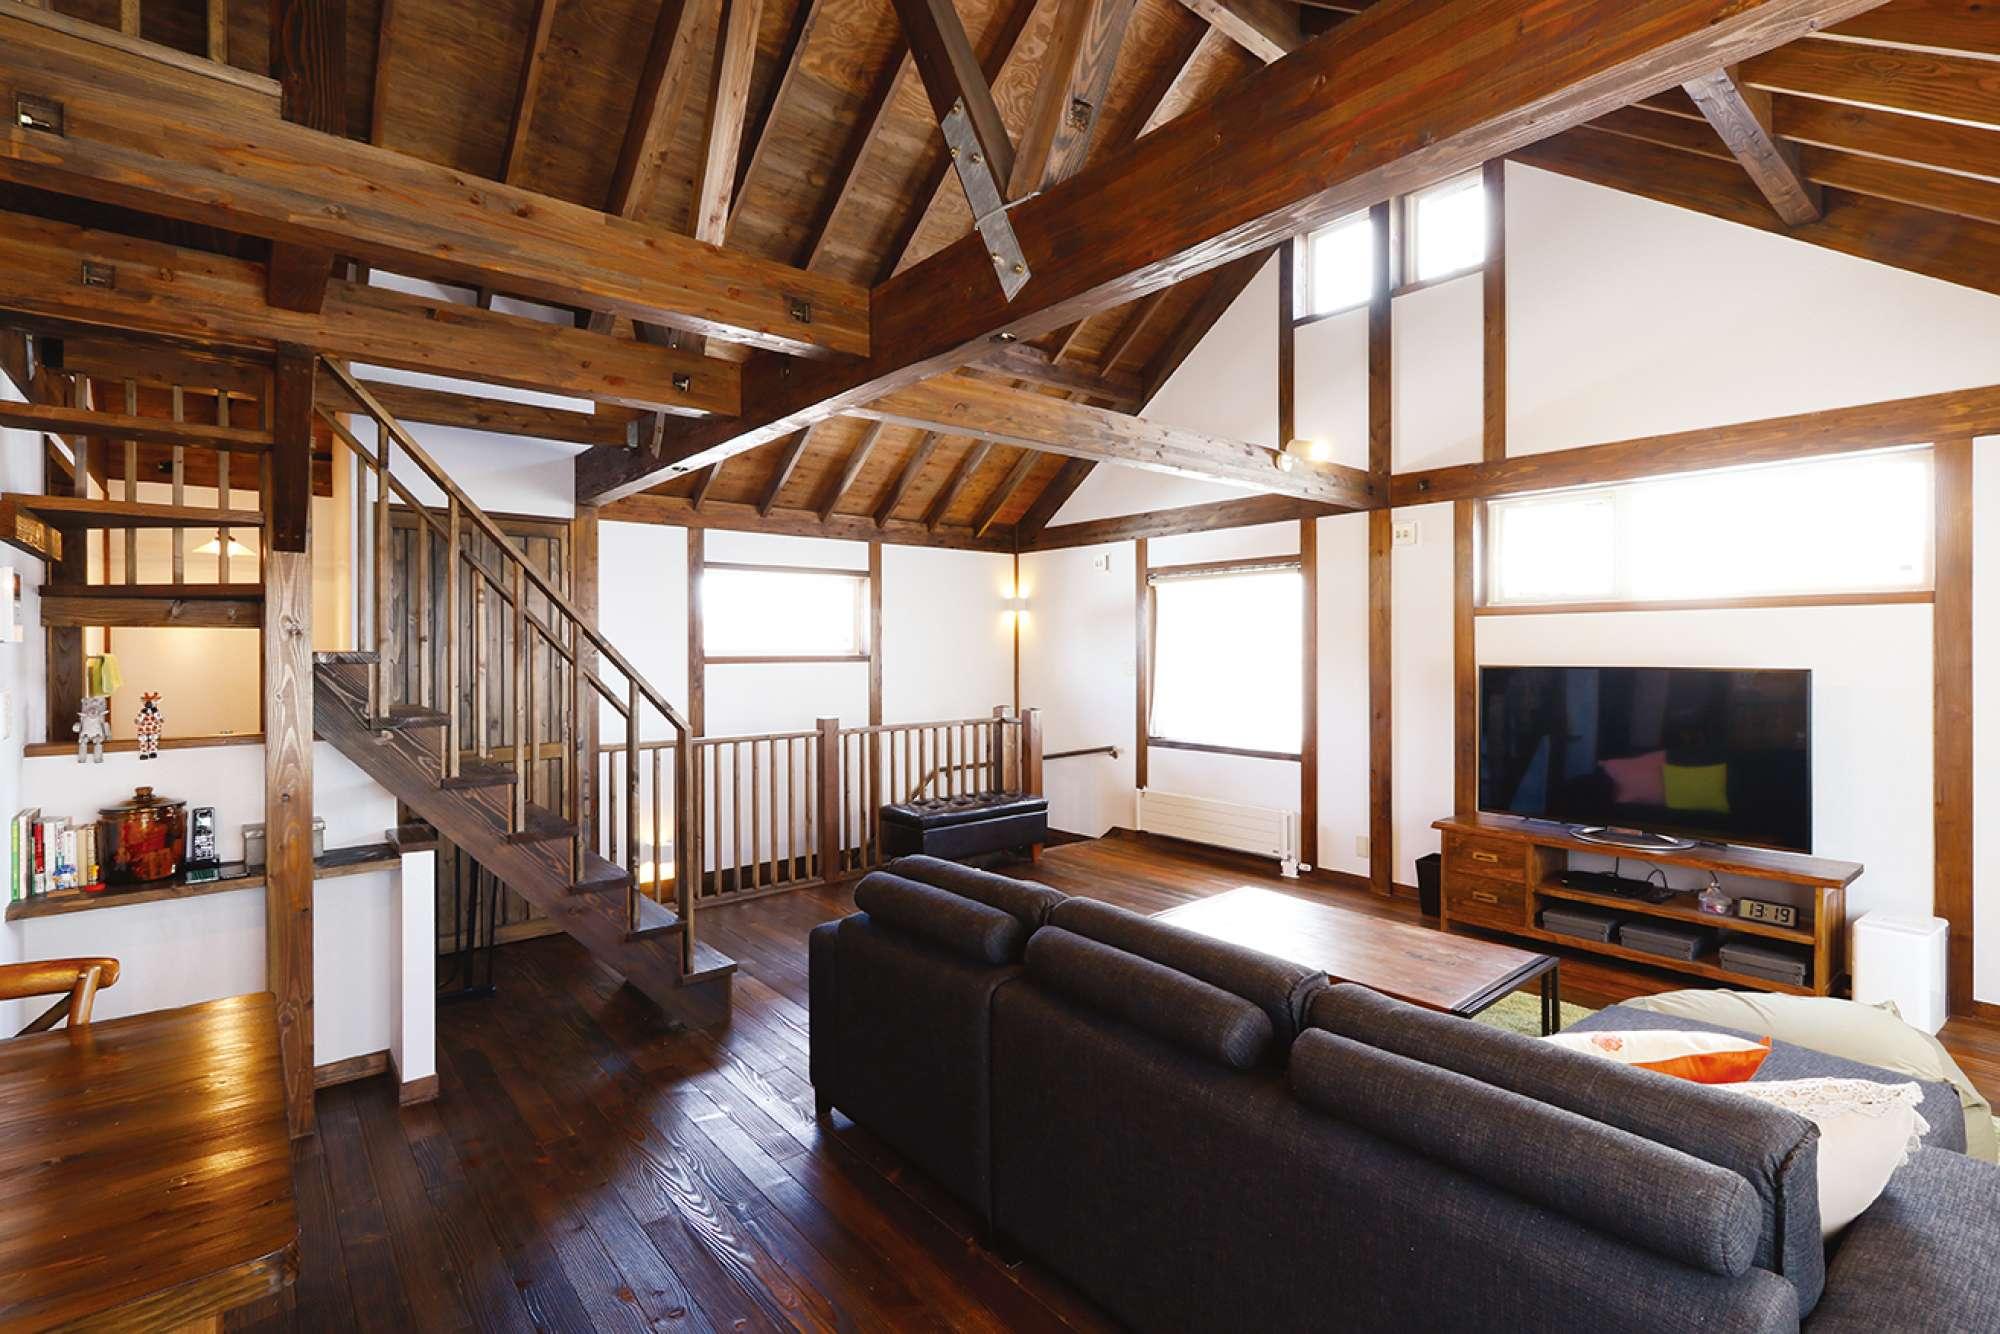 天井の高さも魅力。さらし階段からキッチン上のロフトへ -  -  -